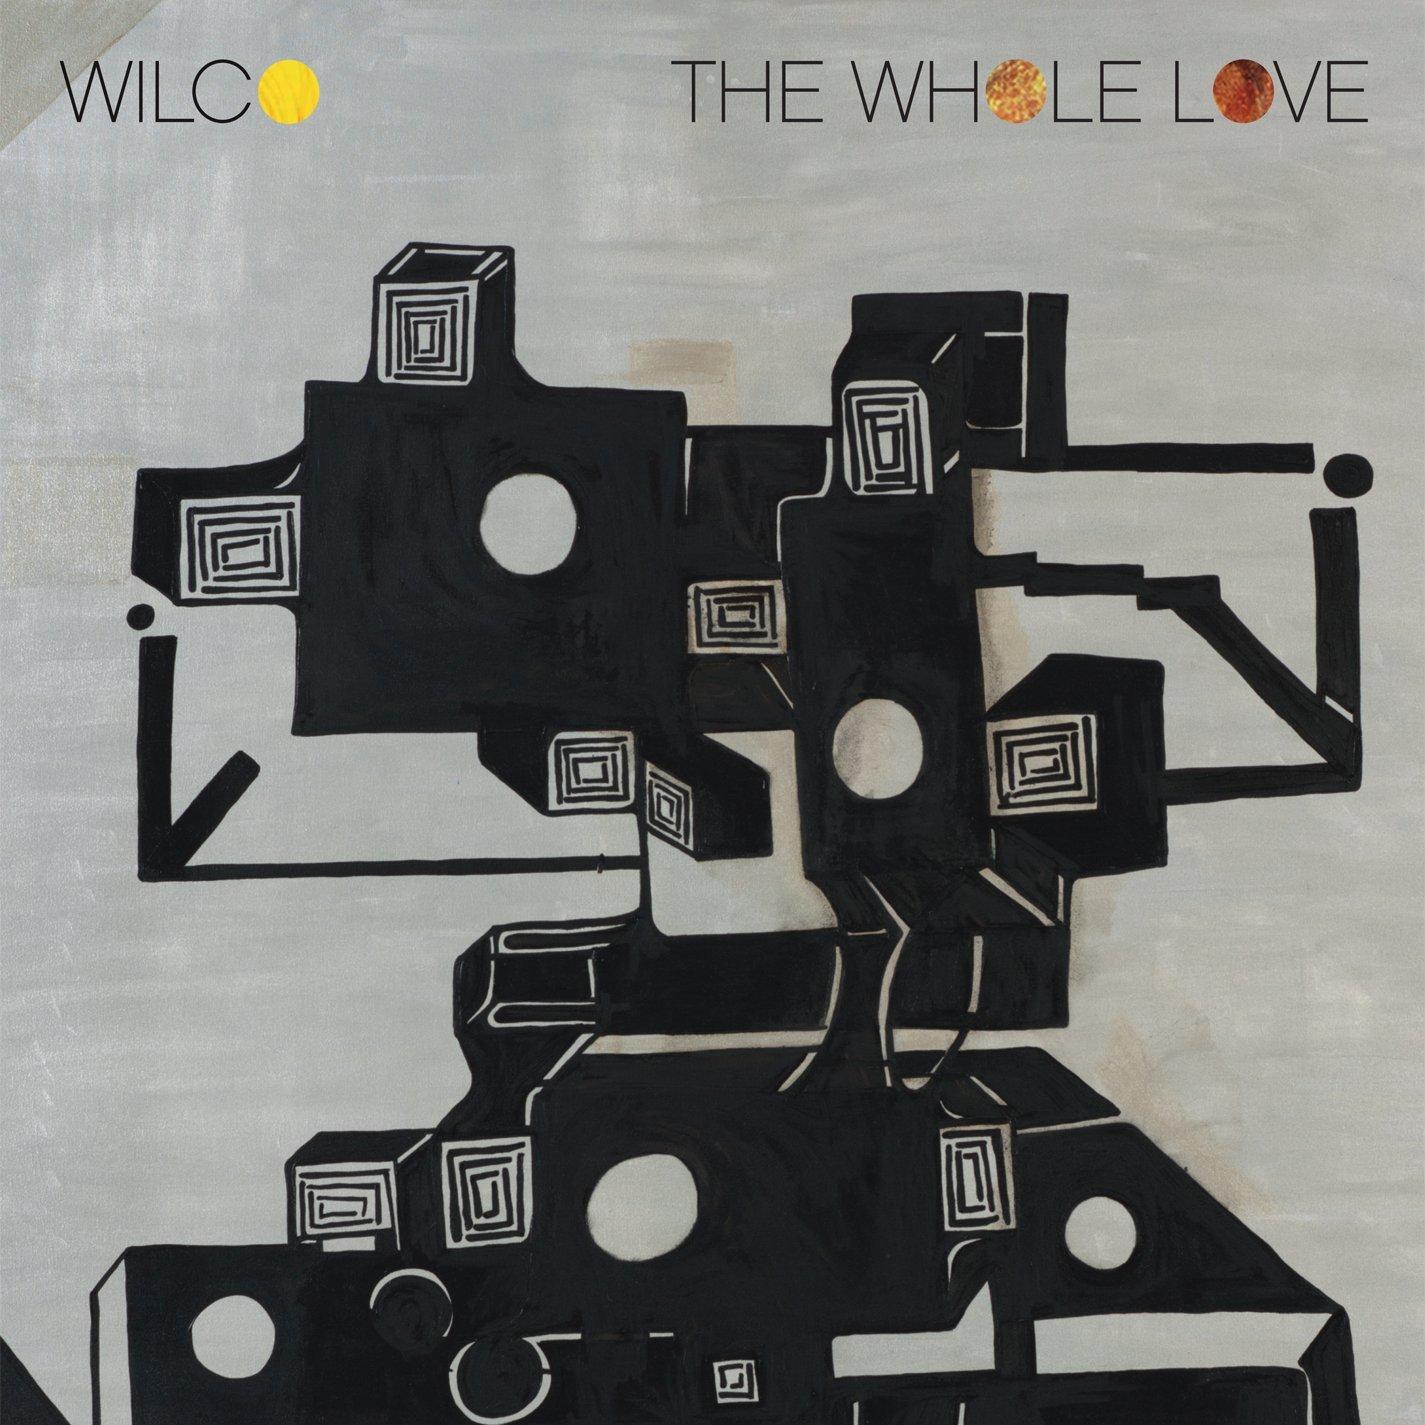 wilco-whole-love